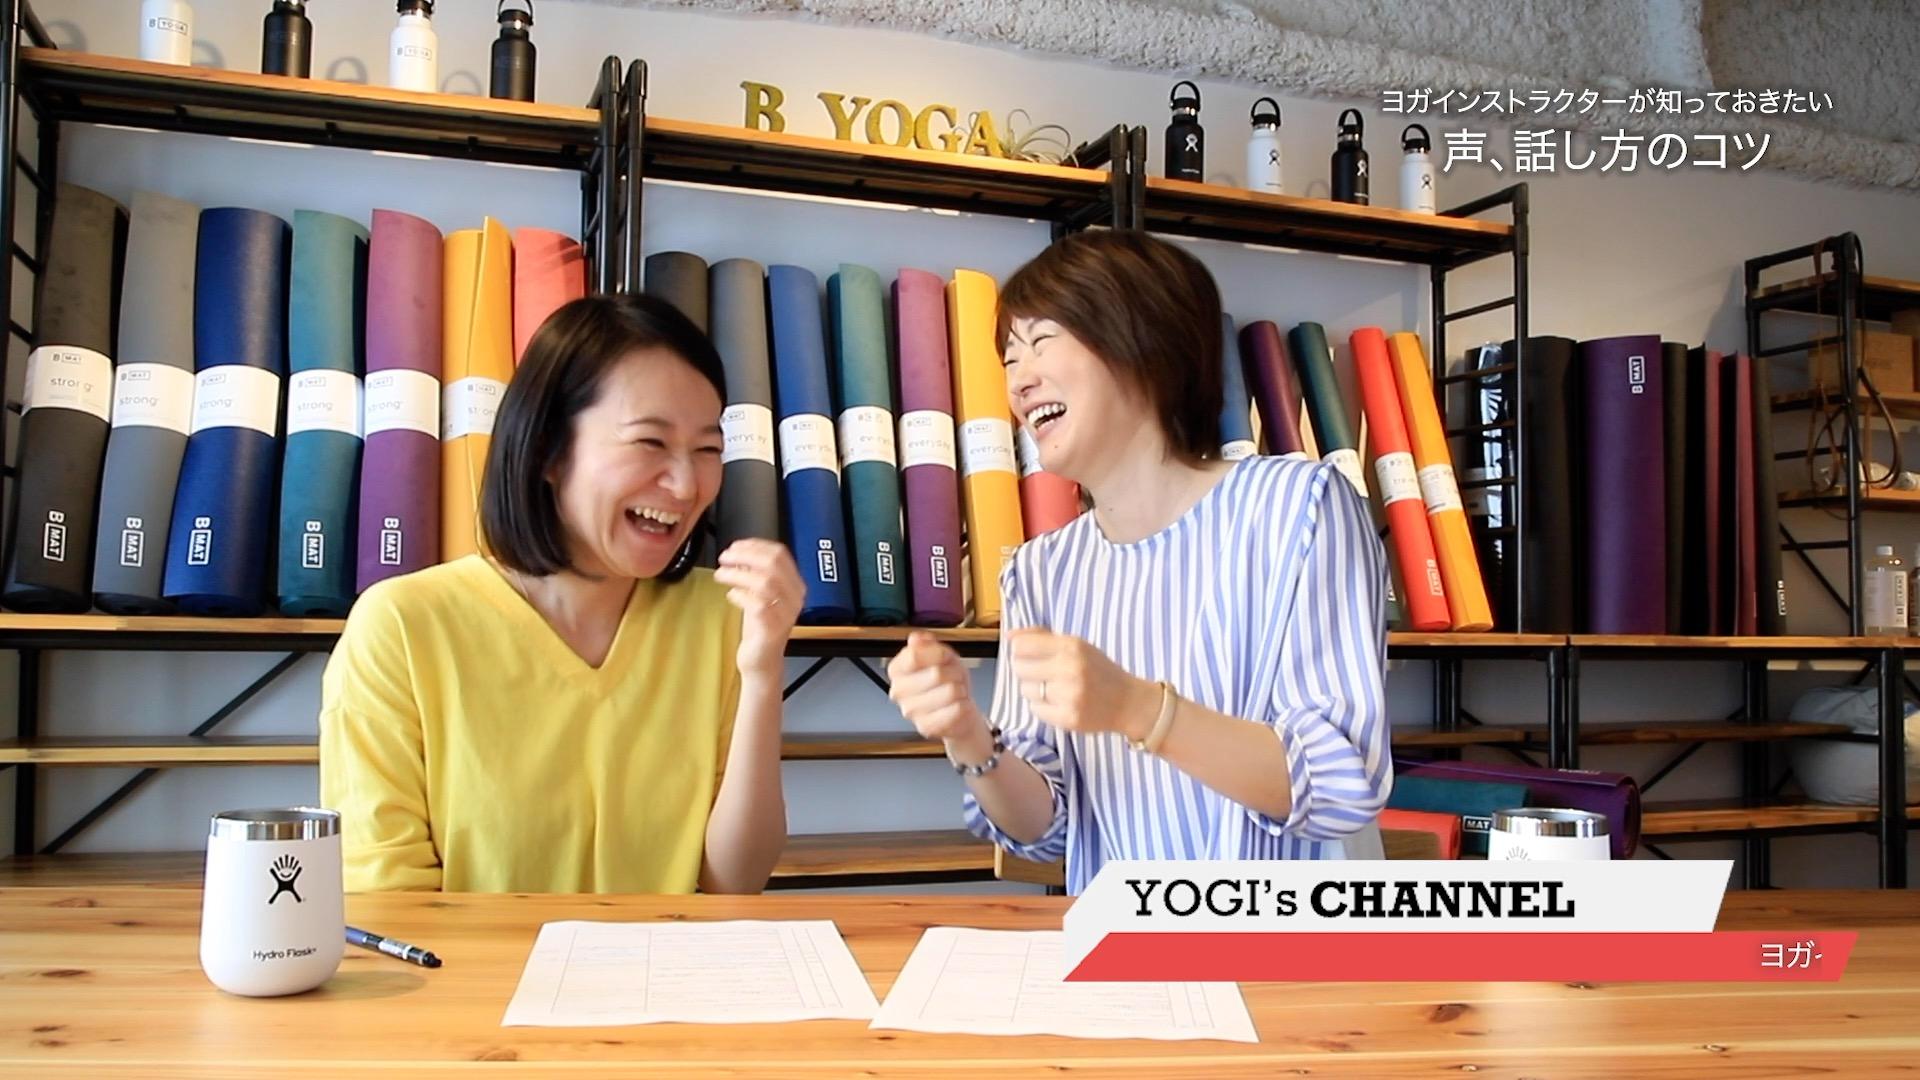 大爆笑する編集長kayaと高橋淳子先生